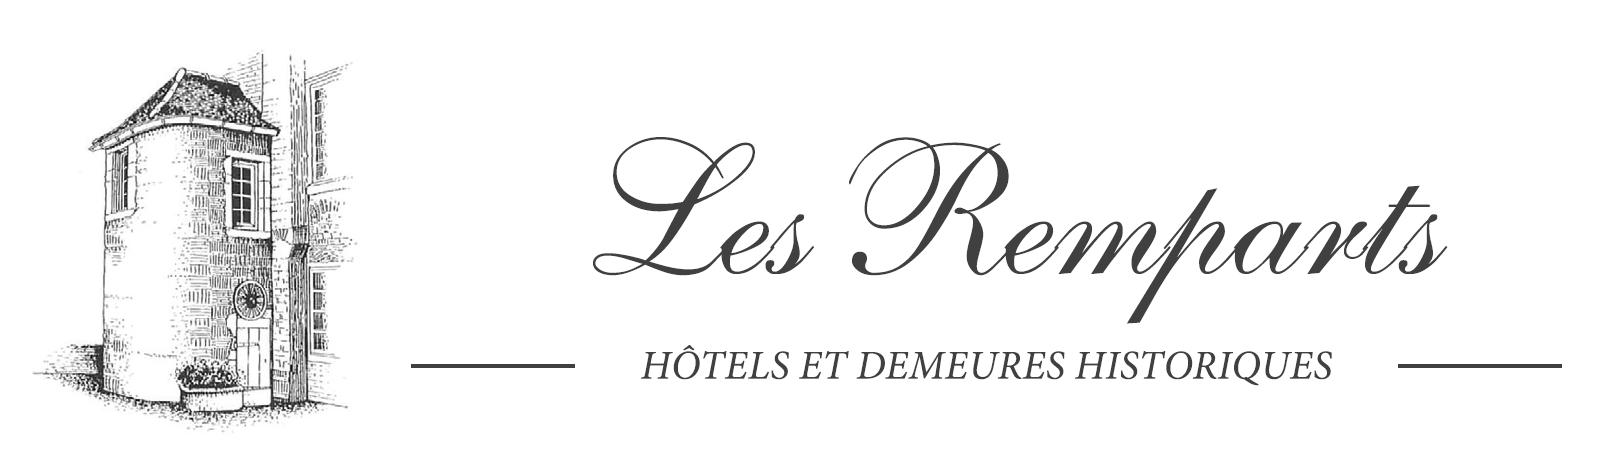 Les Remparts Hôtels et Demeures Historiques